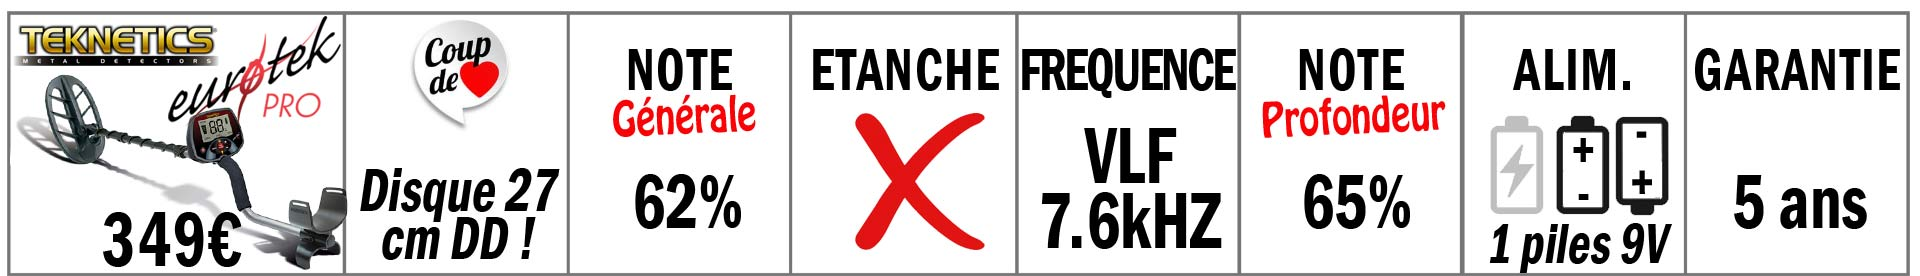 note teknetics eurotek pro 27cm DD